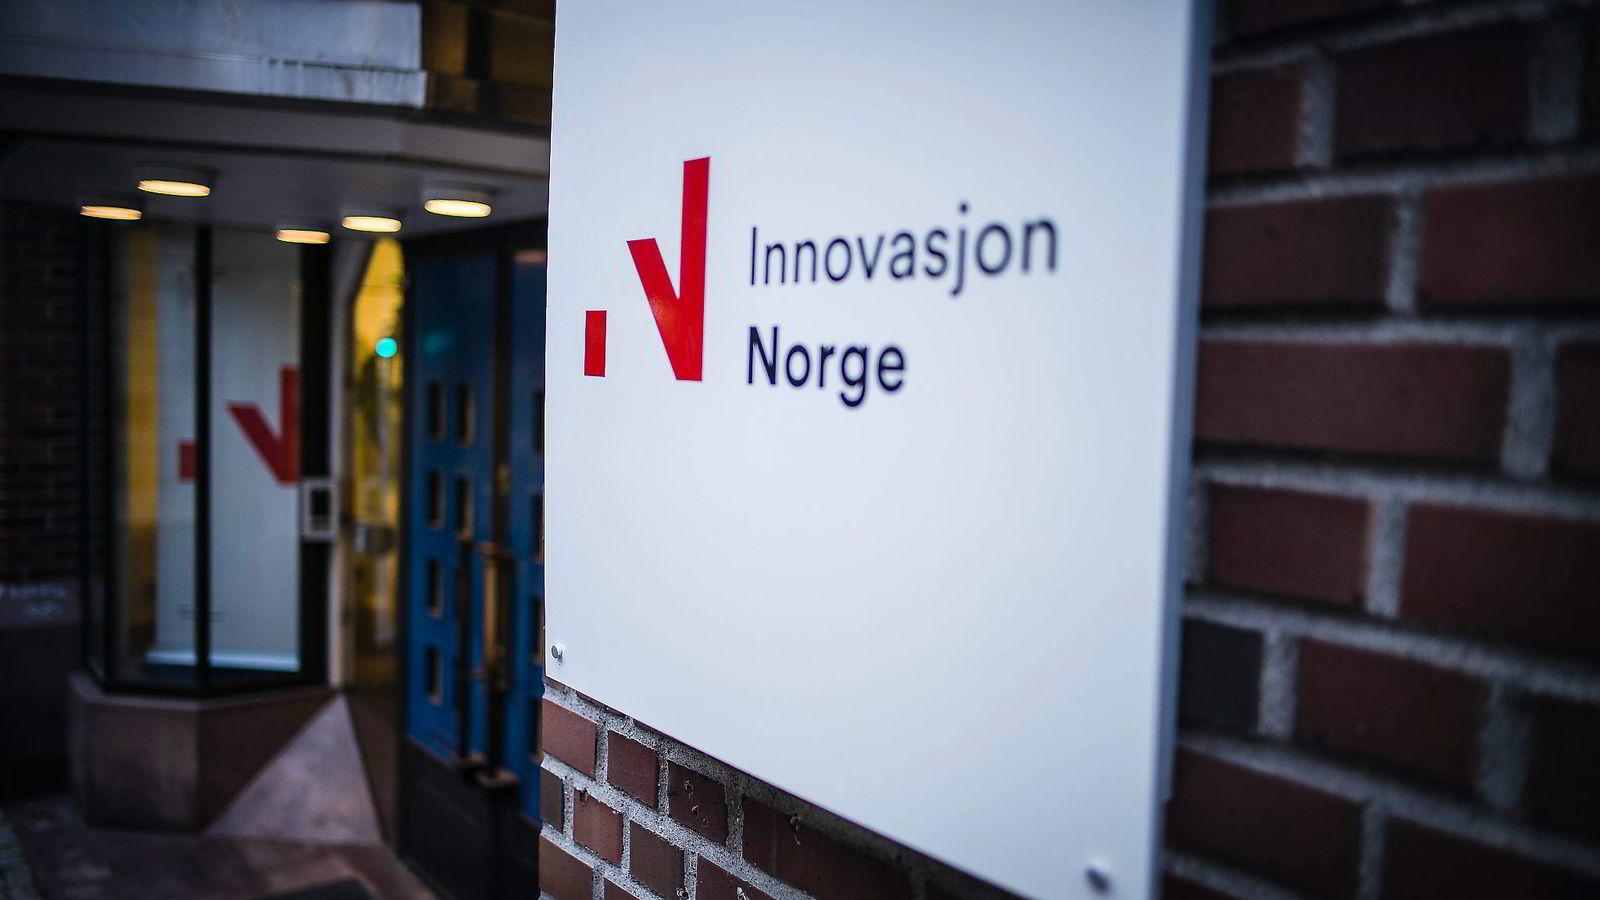 Går vi tilbake i historien ser vi at viktige innovasjoner som har skjedd på norsk jord ofte knyttes mot sterk statlig støtte.